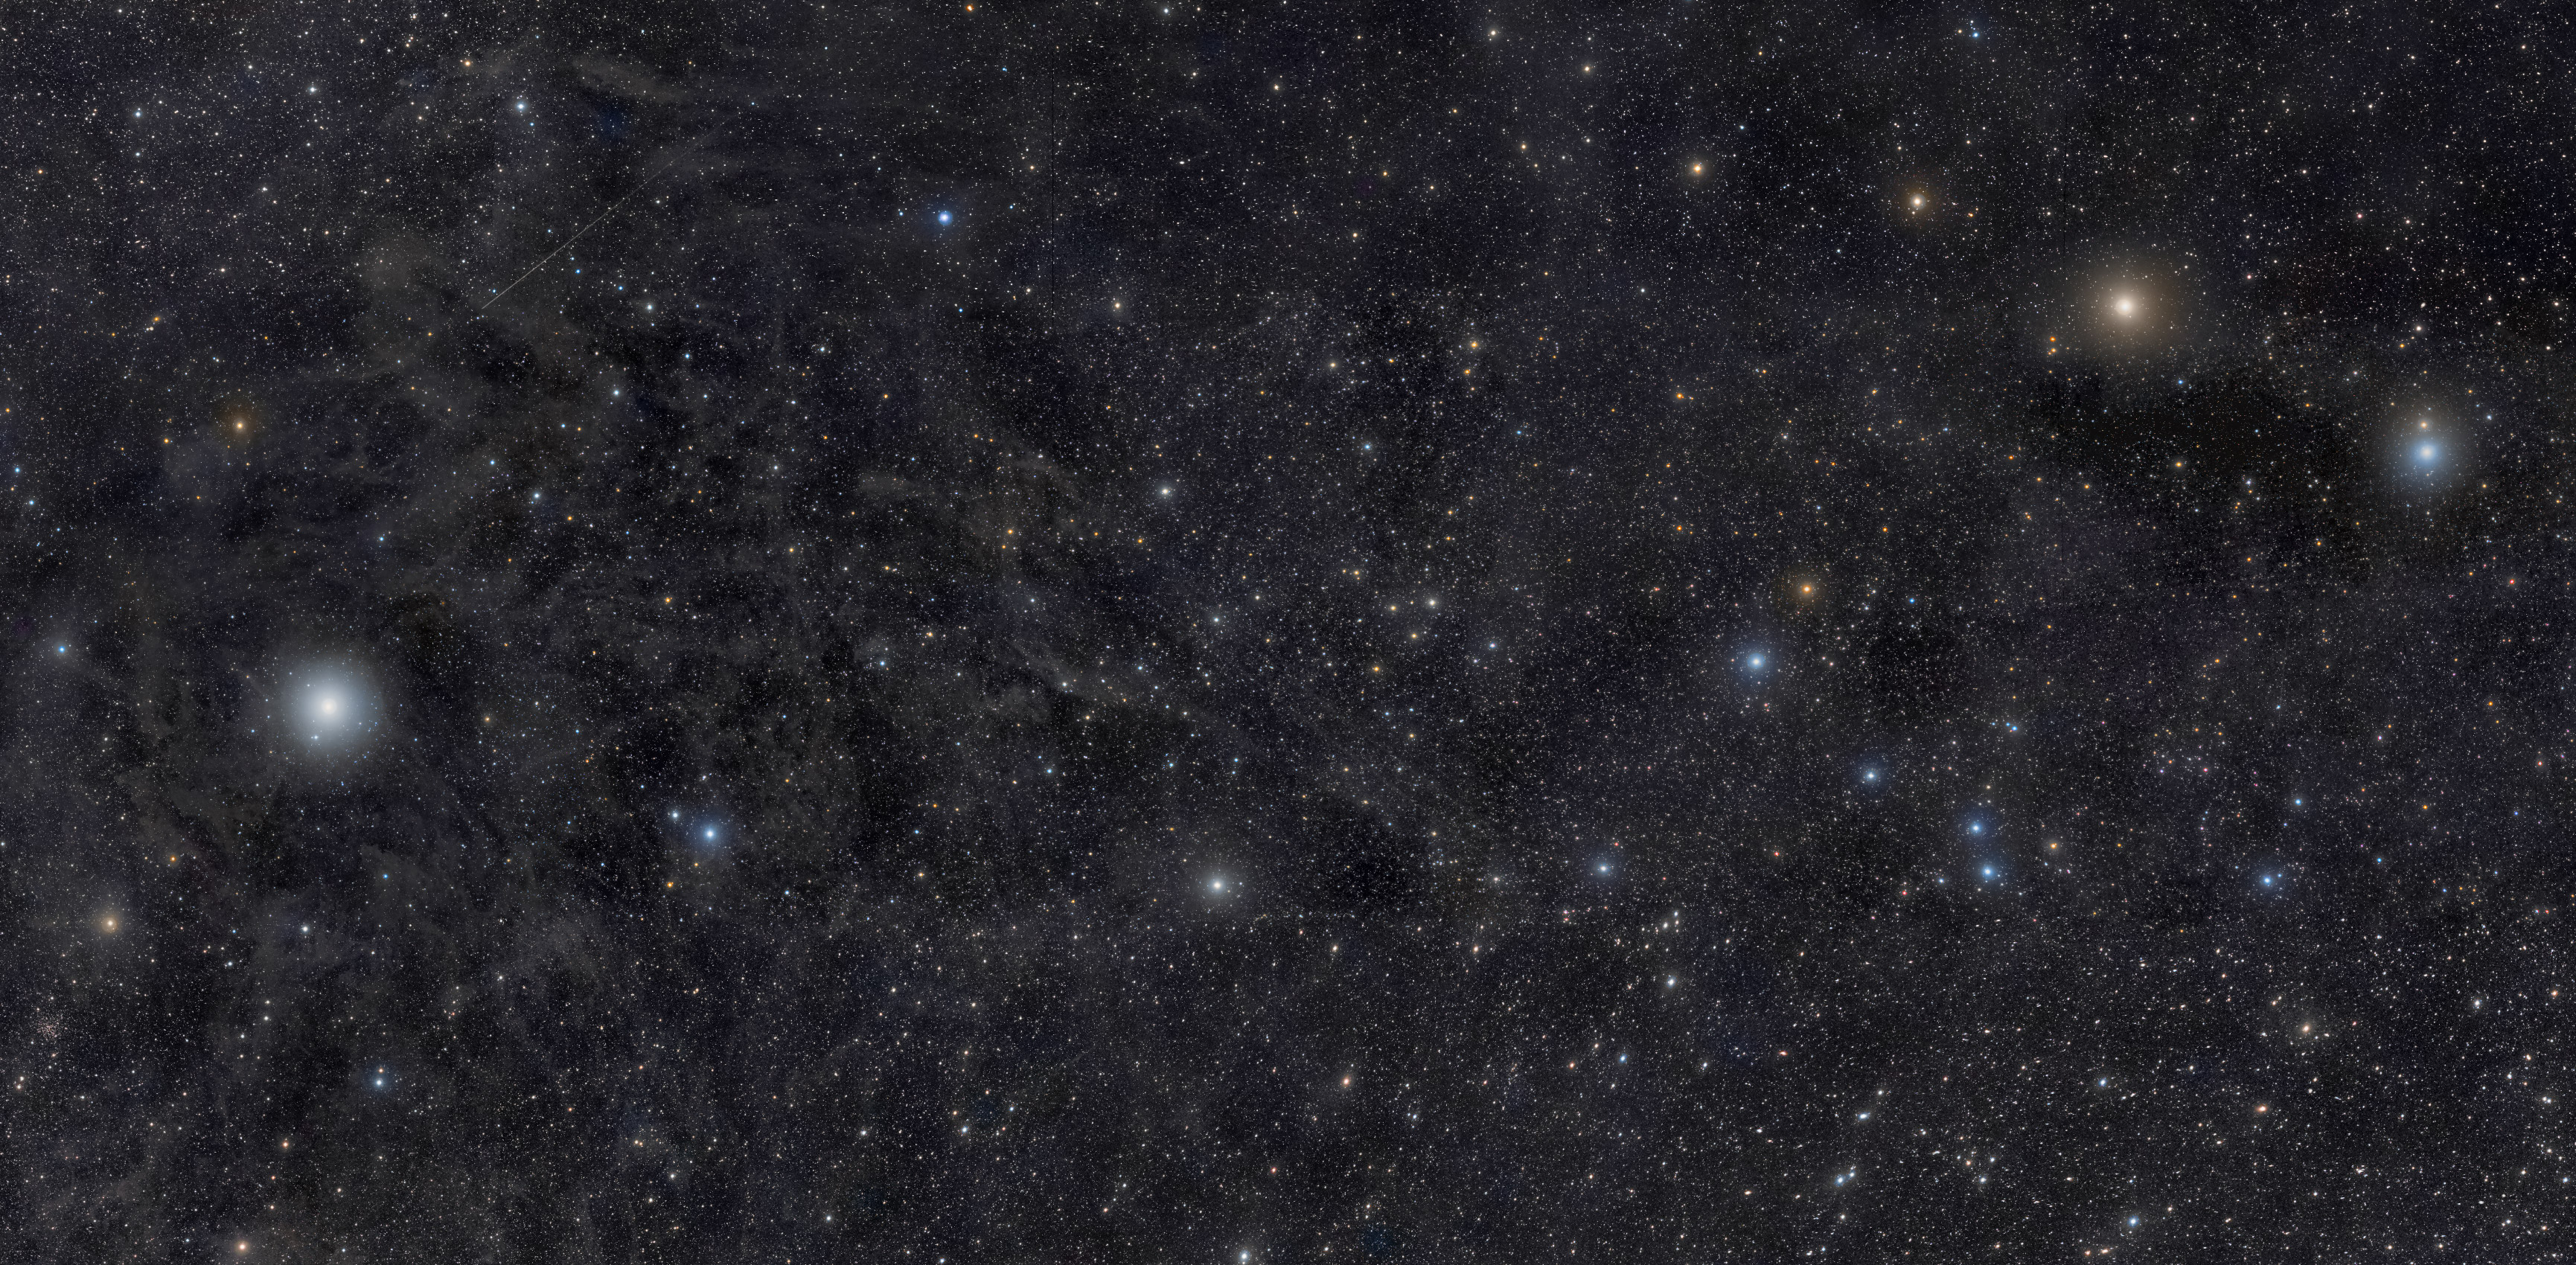 小北斗七星(2011年5月14日)- 每日天文一图摘译 - 秋天的麦兜 - 蜗牛壳